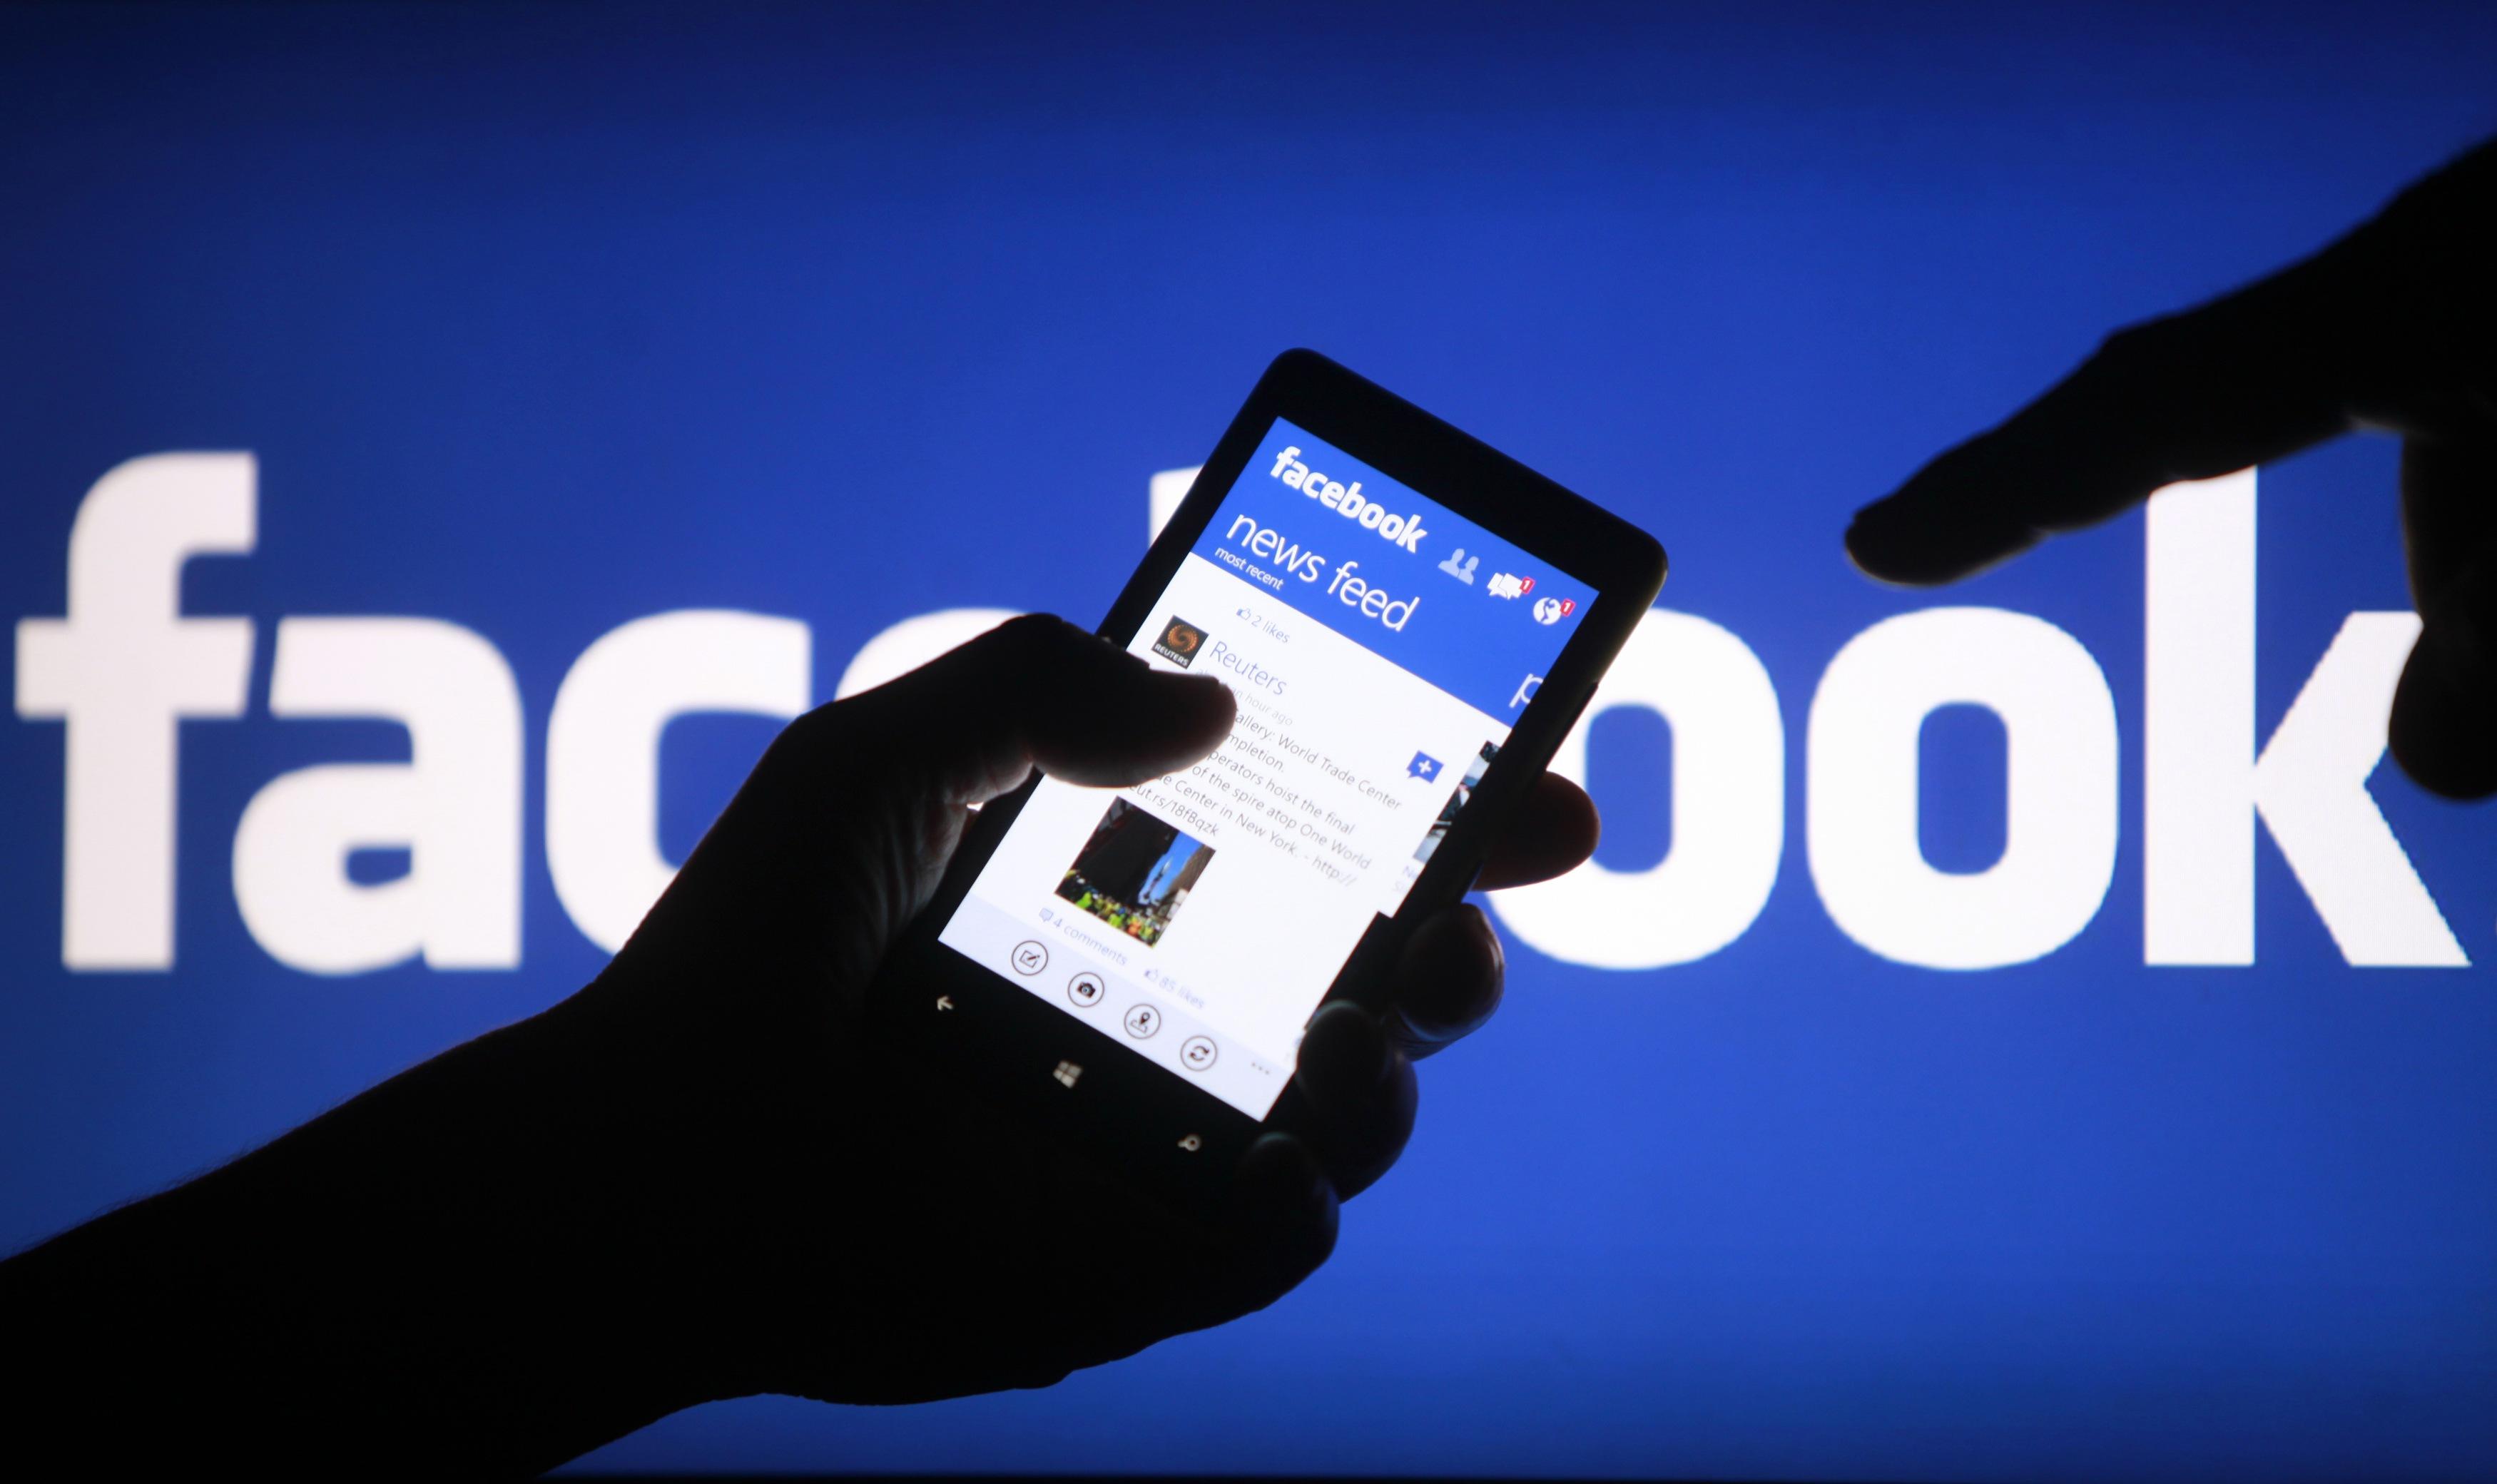 La dificultad de conseguir engagement en Facebook (sin concursos)